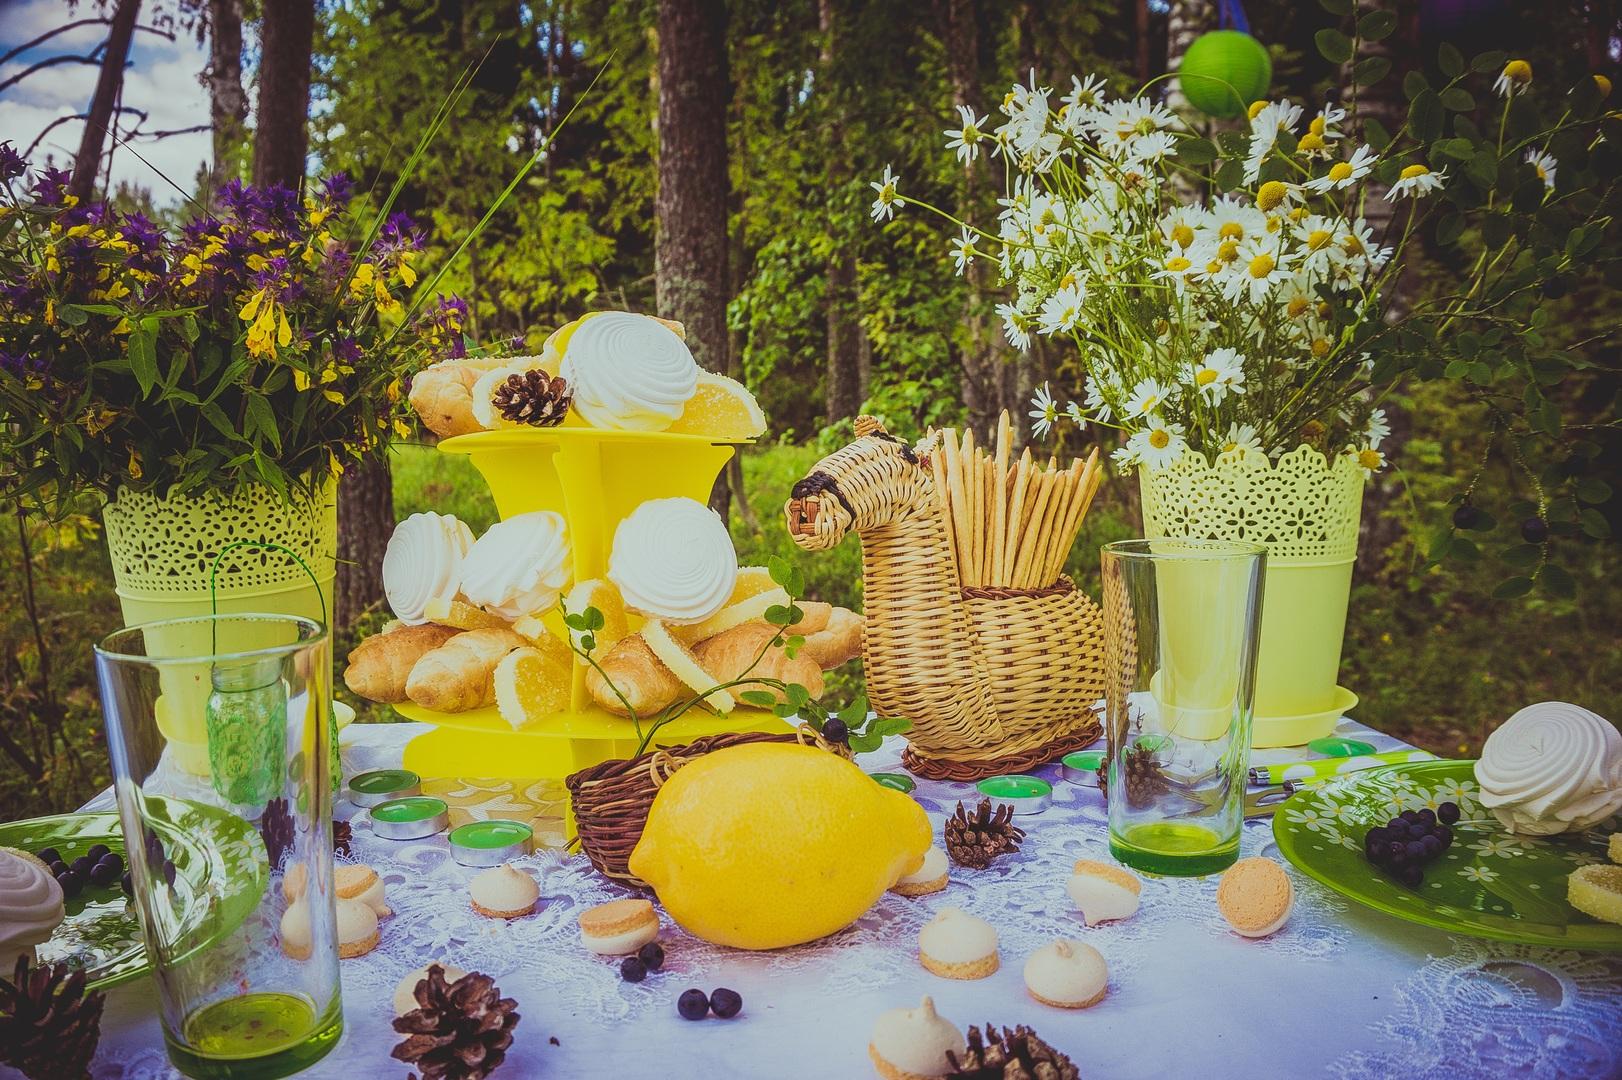 flower-summer-bouquet-meal-backyard-yellow-1167611-pxhere.com